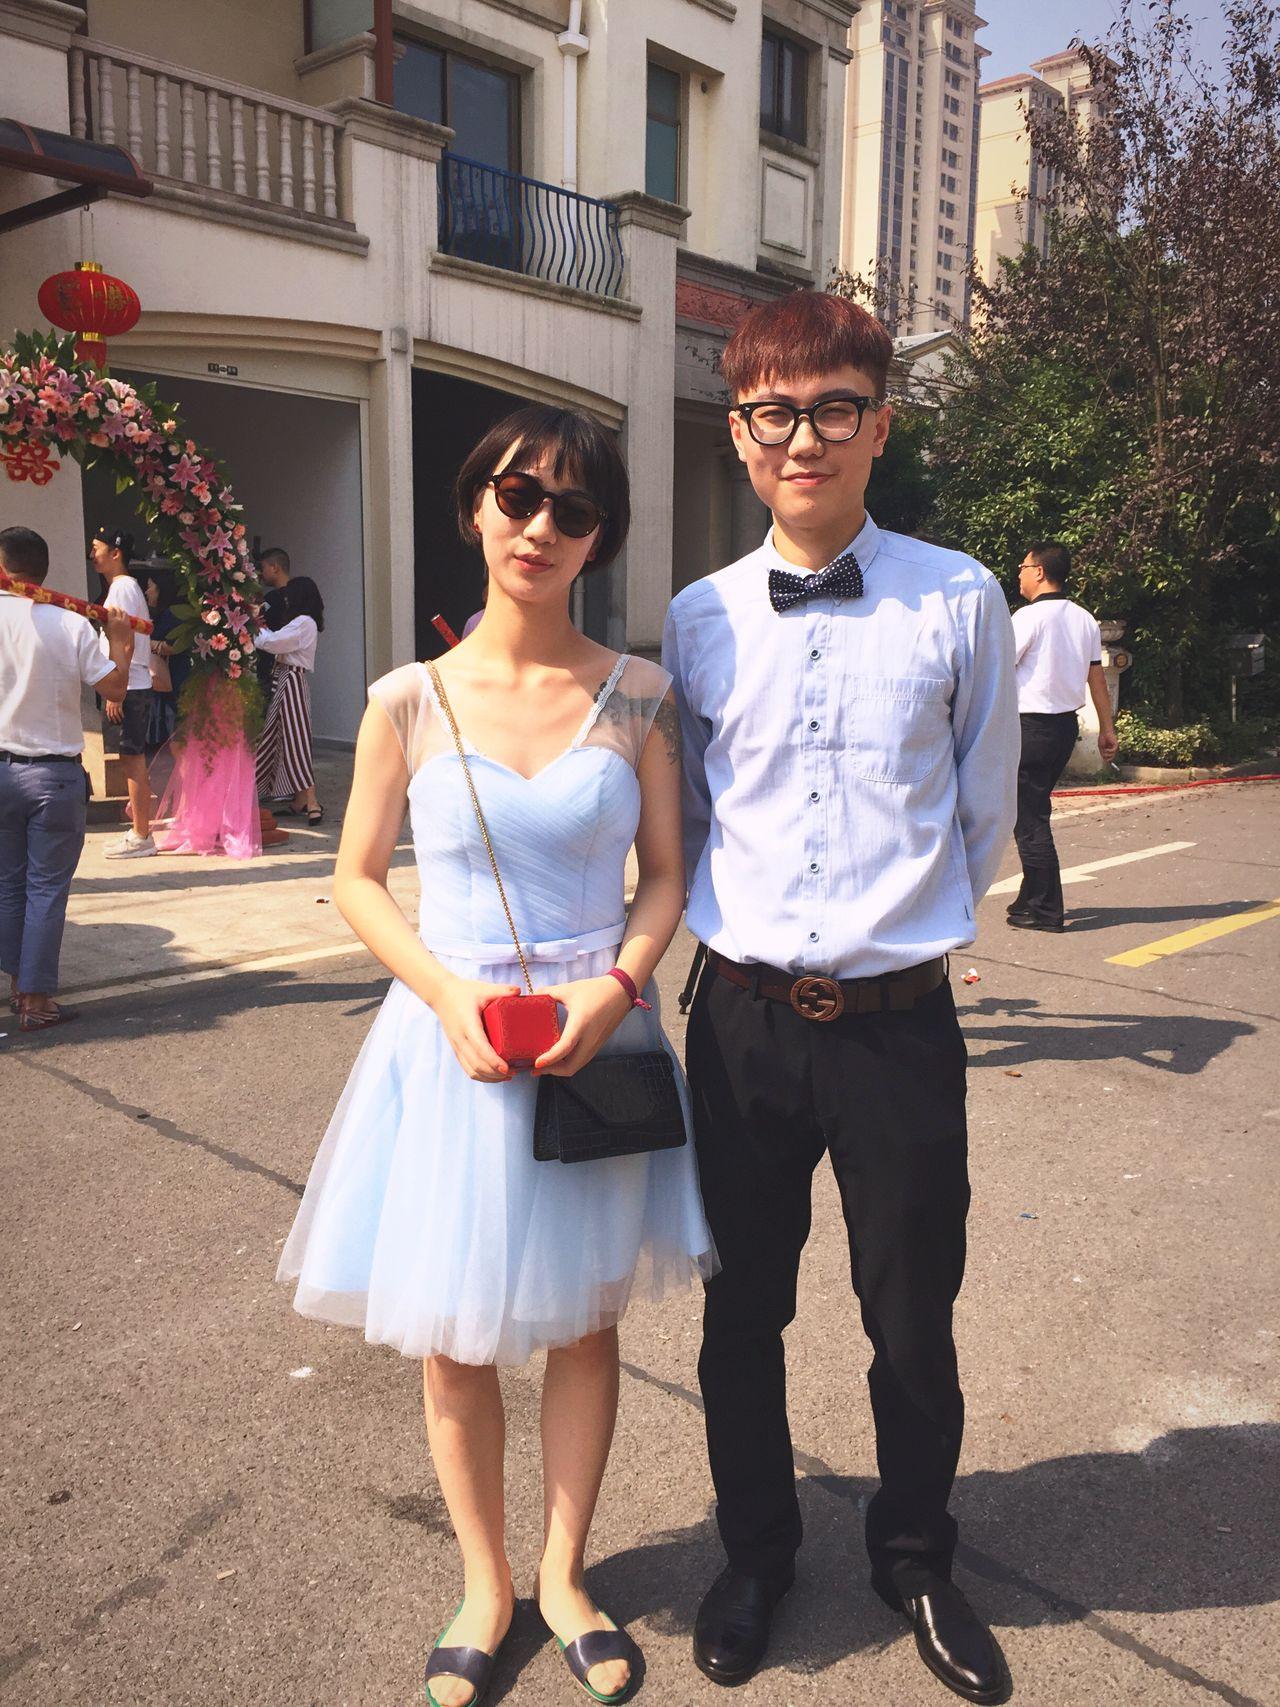 Being a bridesmaid 💋 Marriage  Bridesmaid Happy People Bride Dress